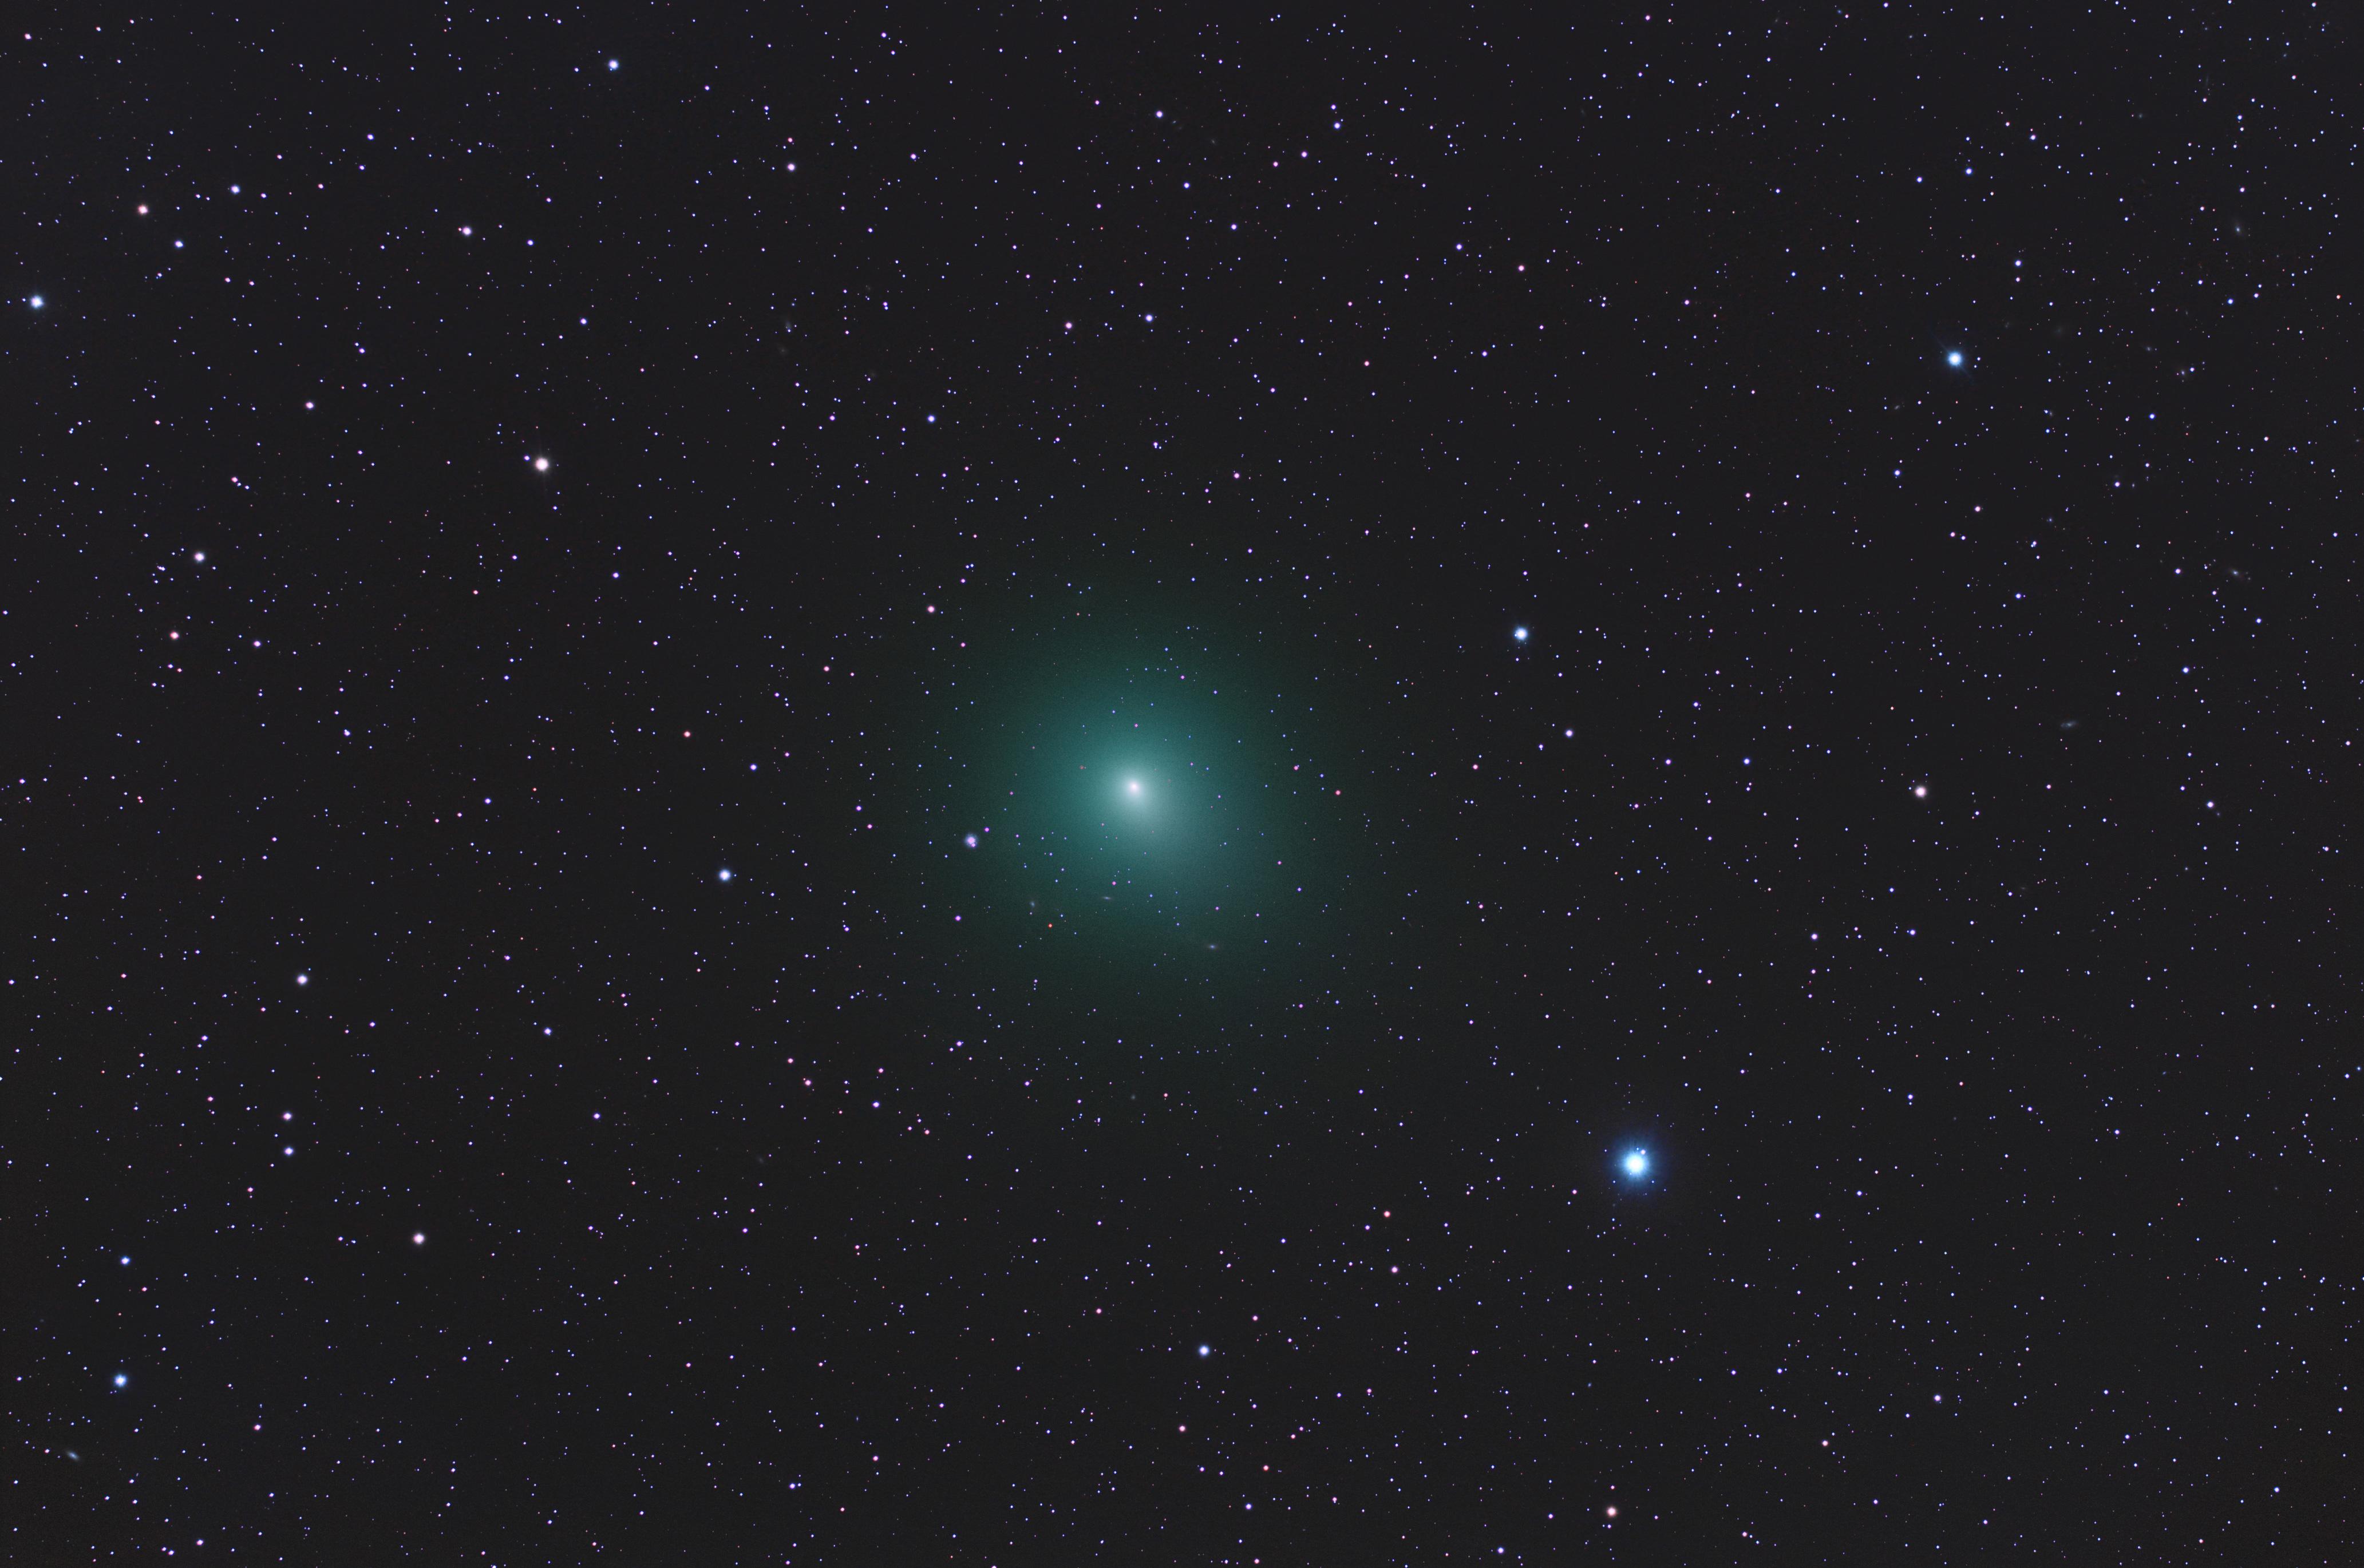 Astros en el espacio - 4130x2740